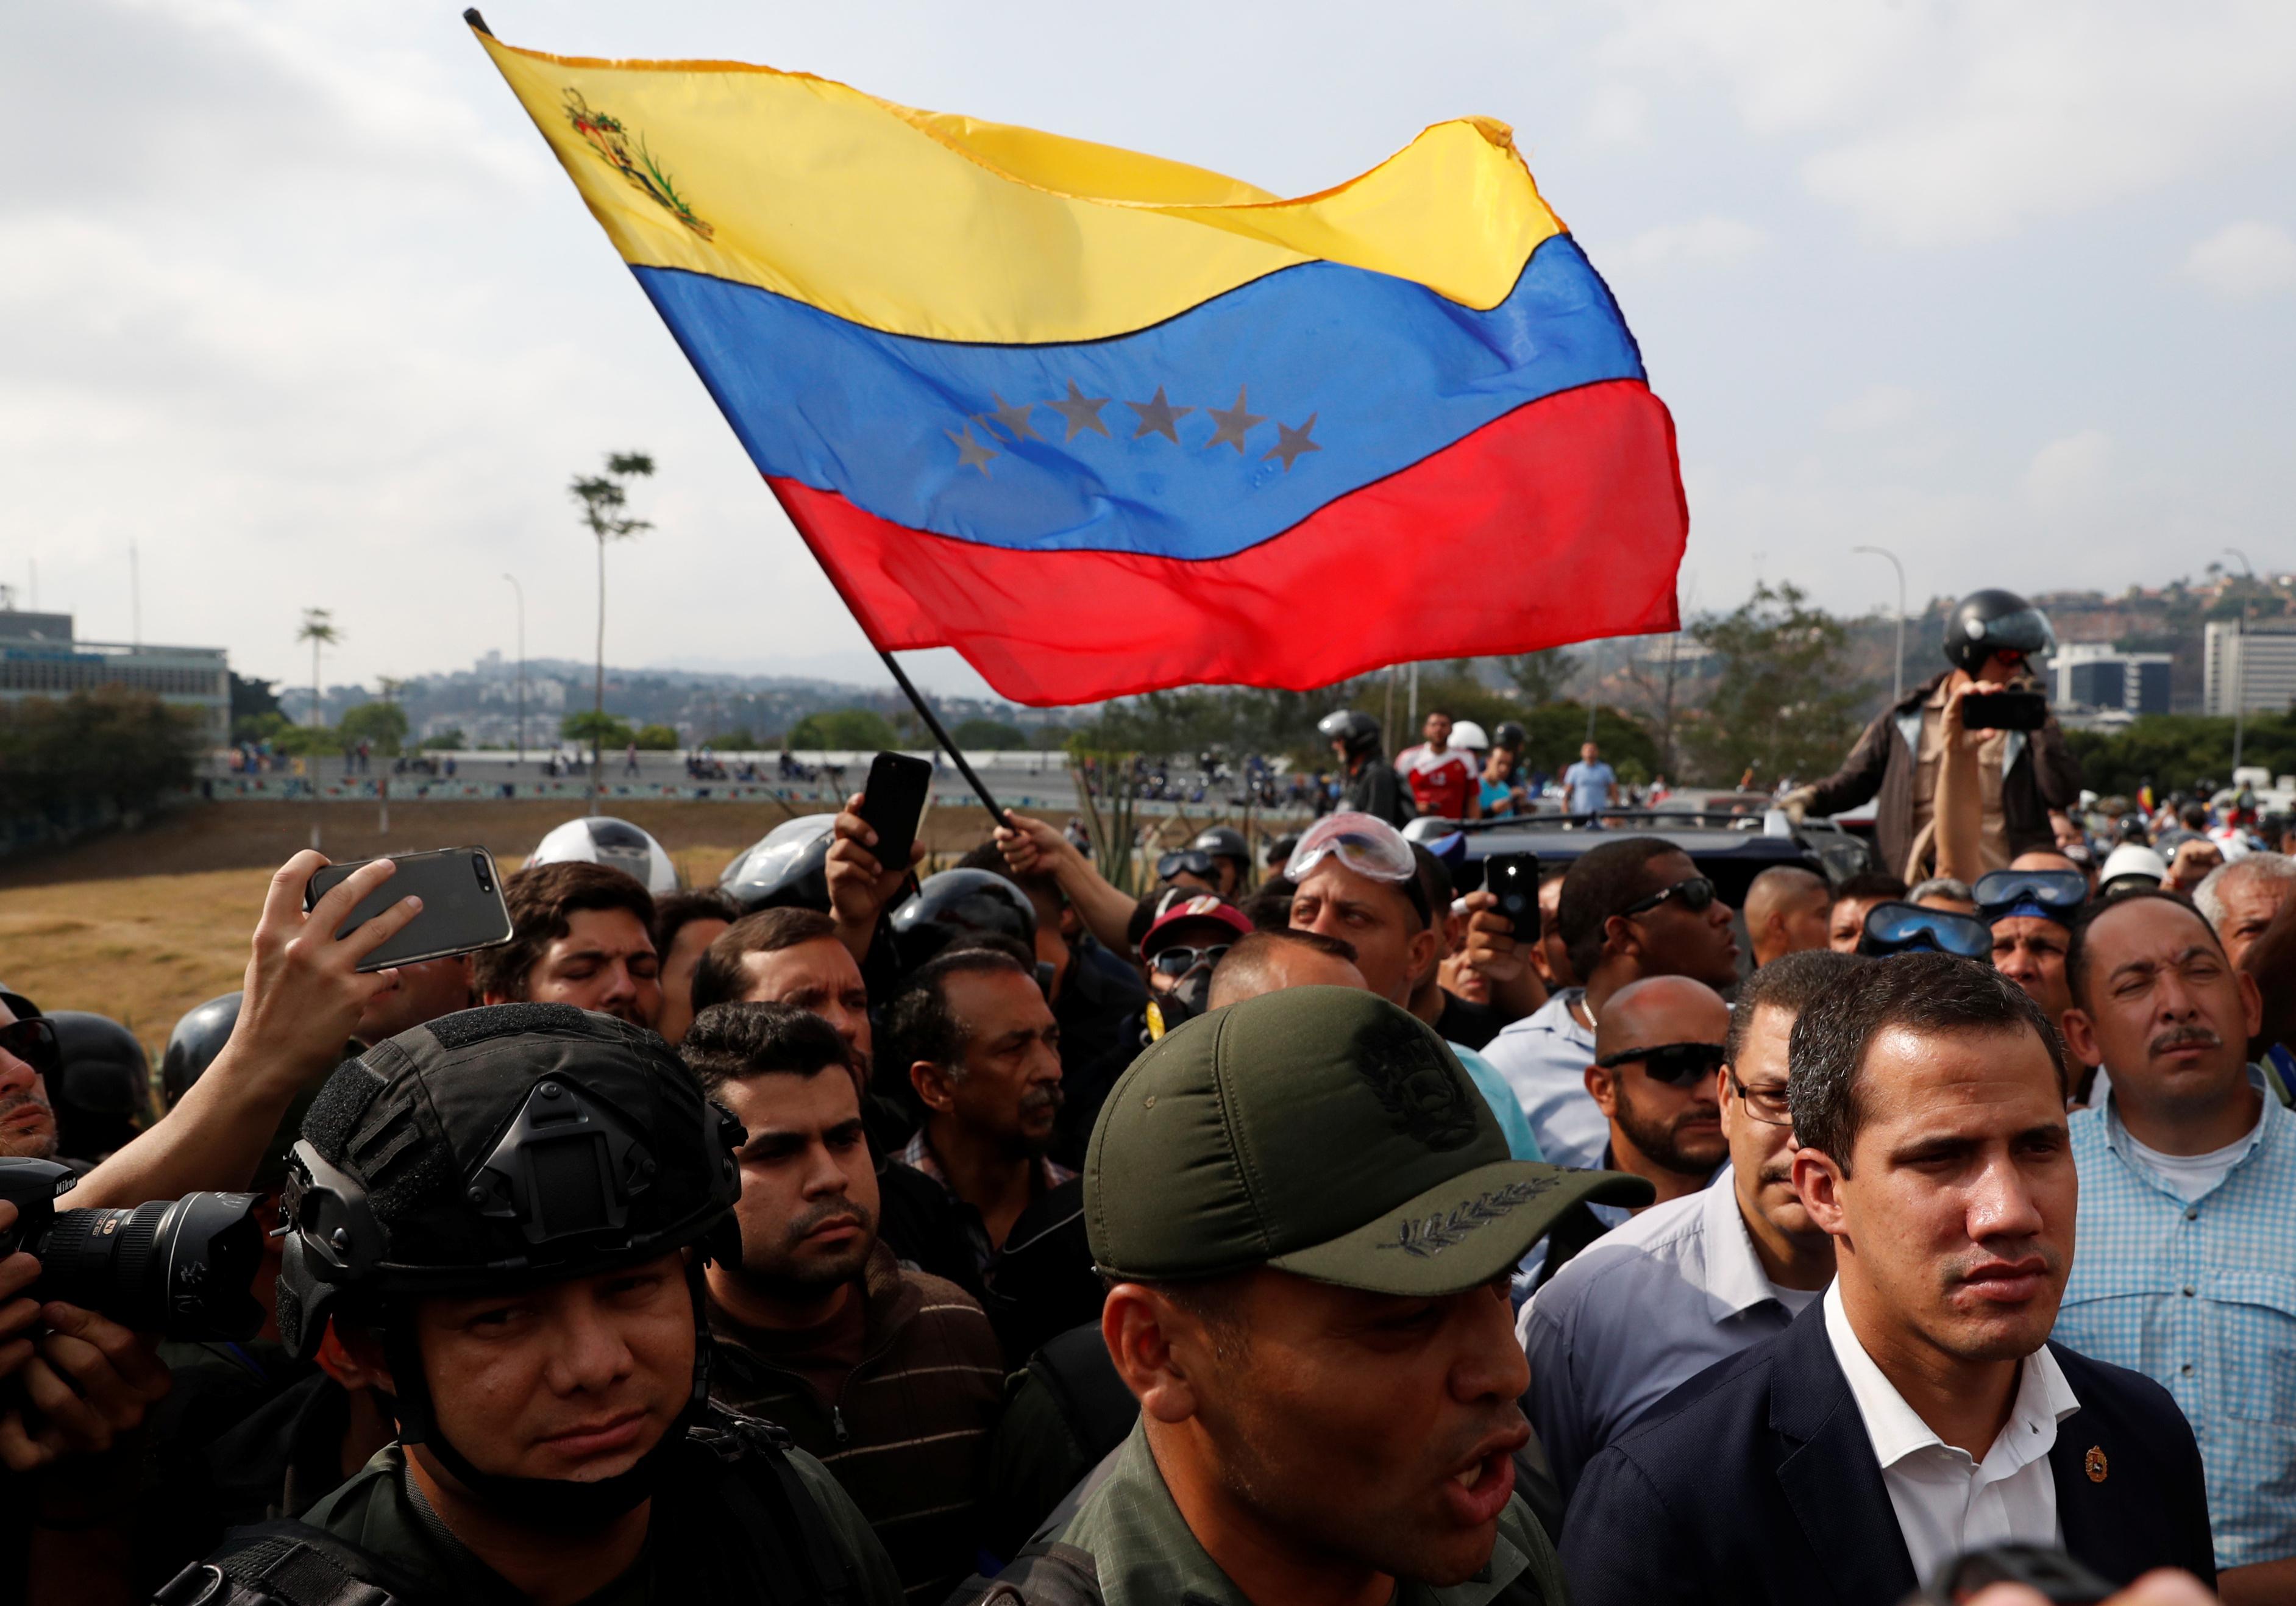 2019-04-30T144000Z_830996474_RC129CC52D00_RTRMADP_3_VENEZUELA-POLITICS